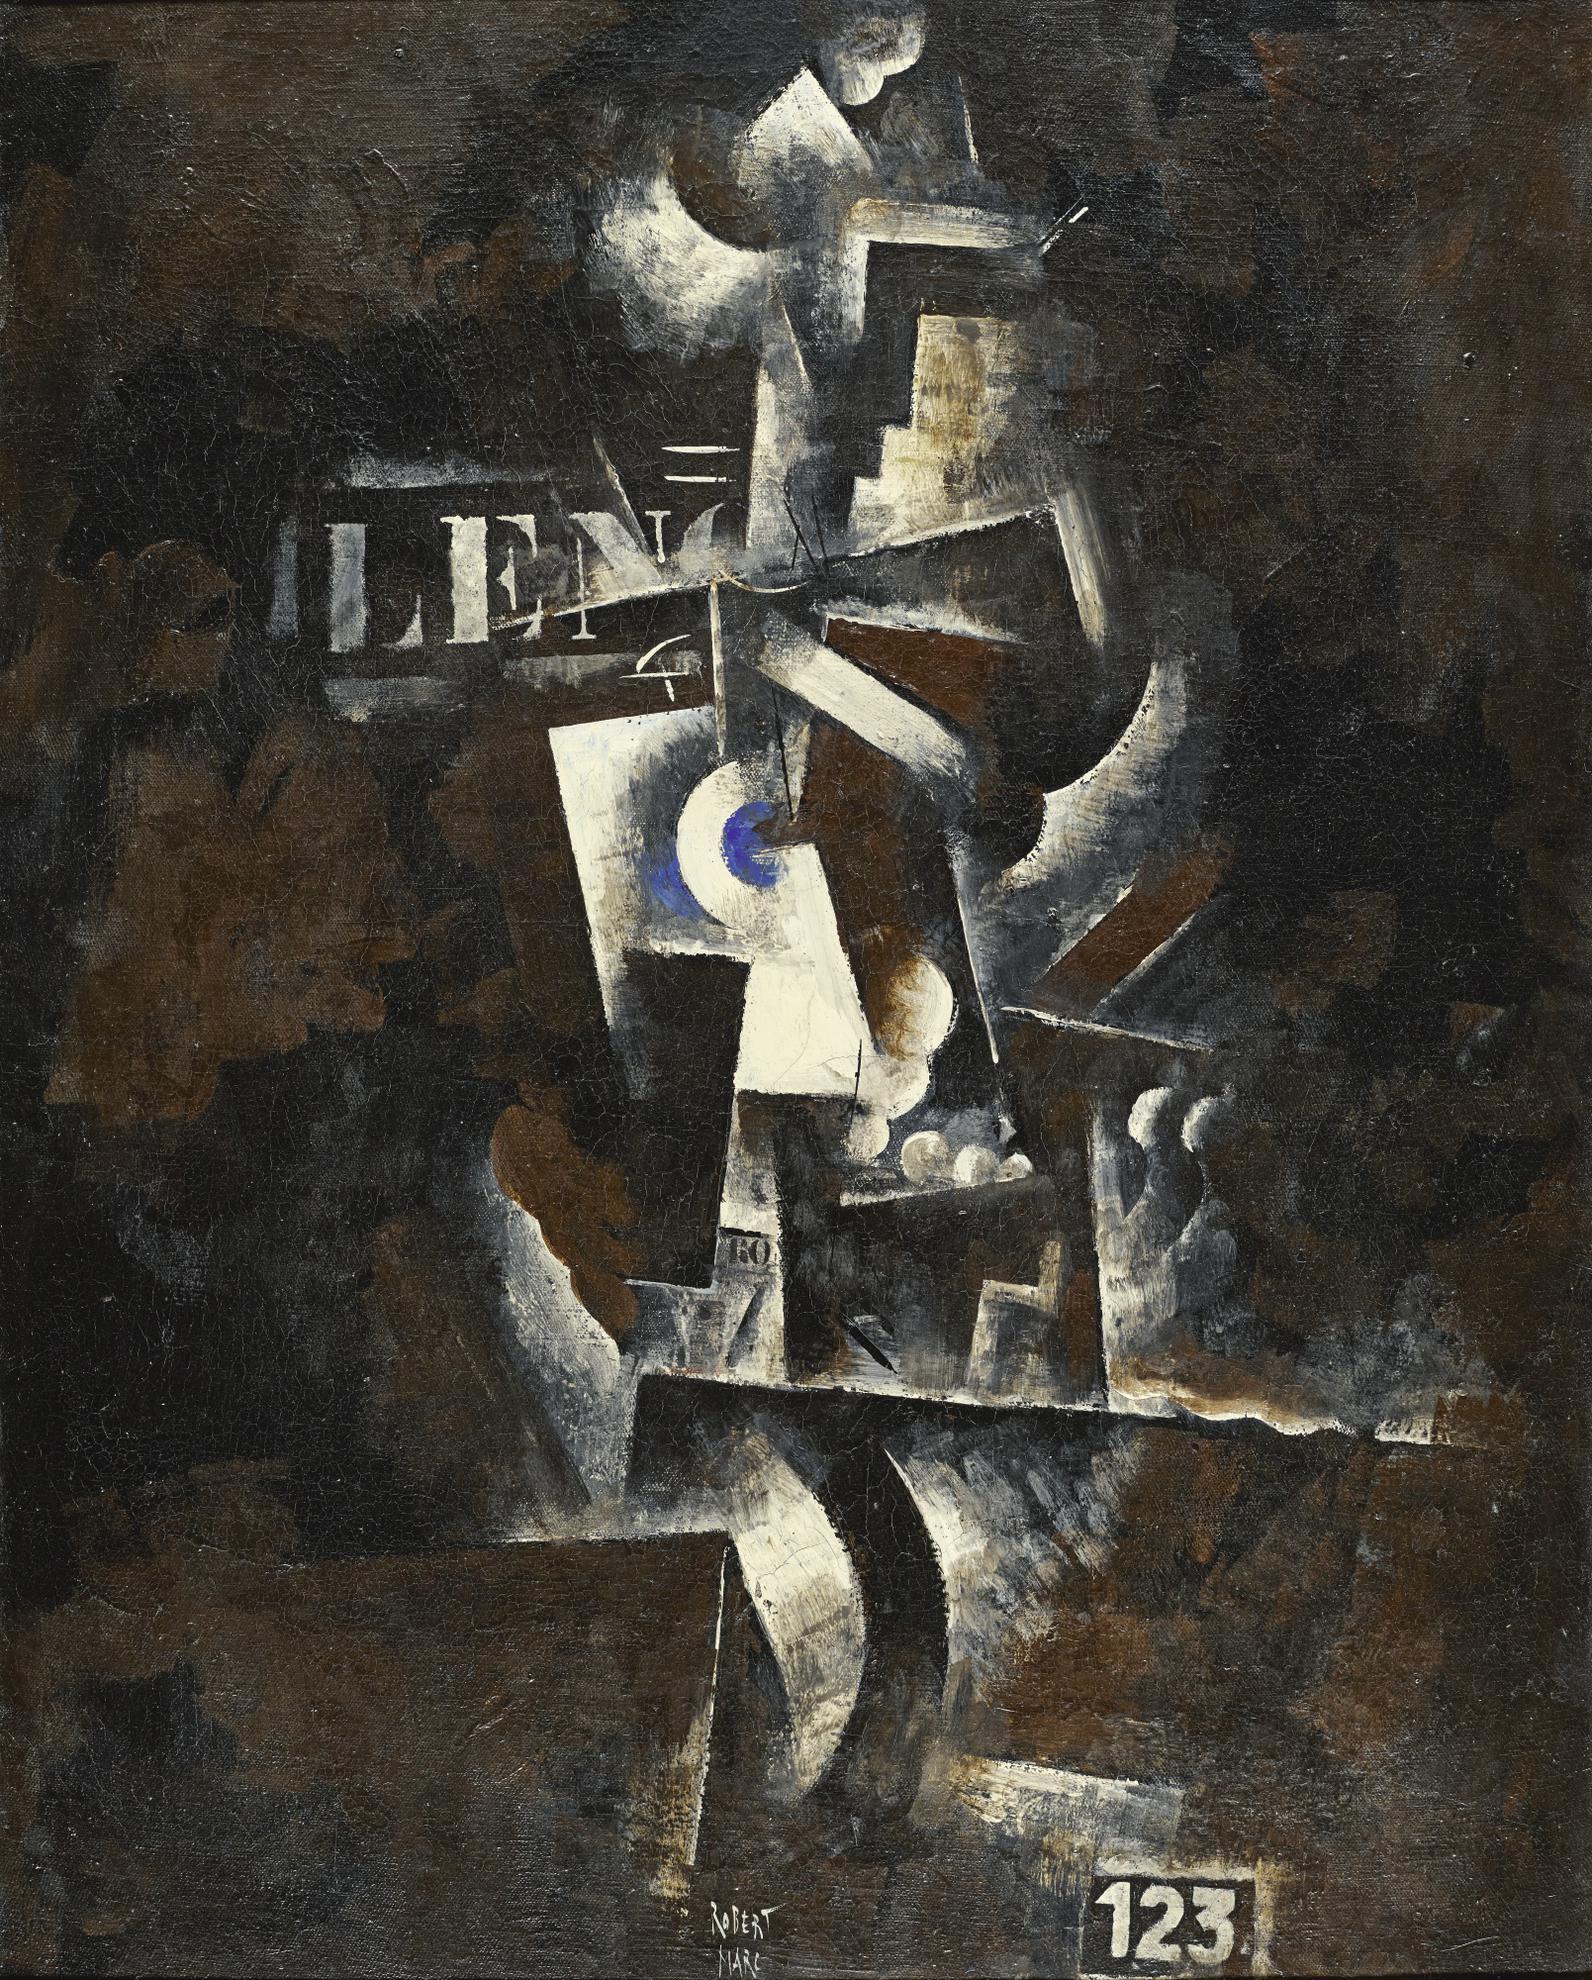 Robert Marc-Lennou-1990